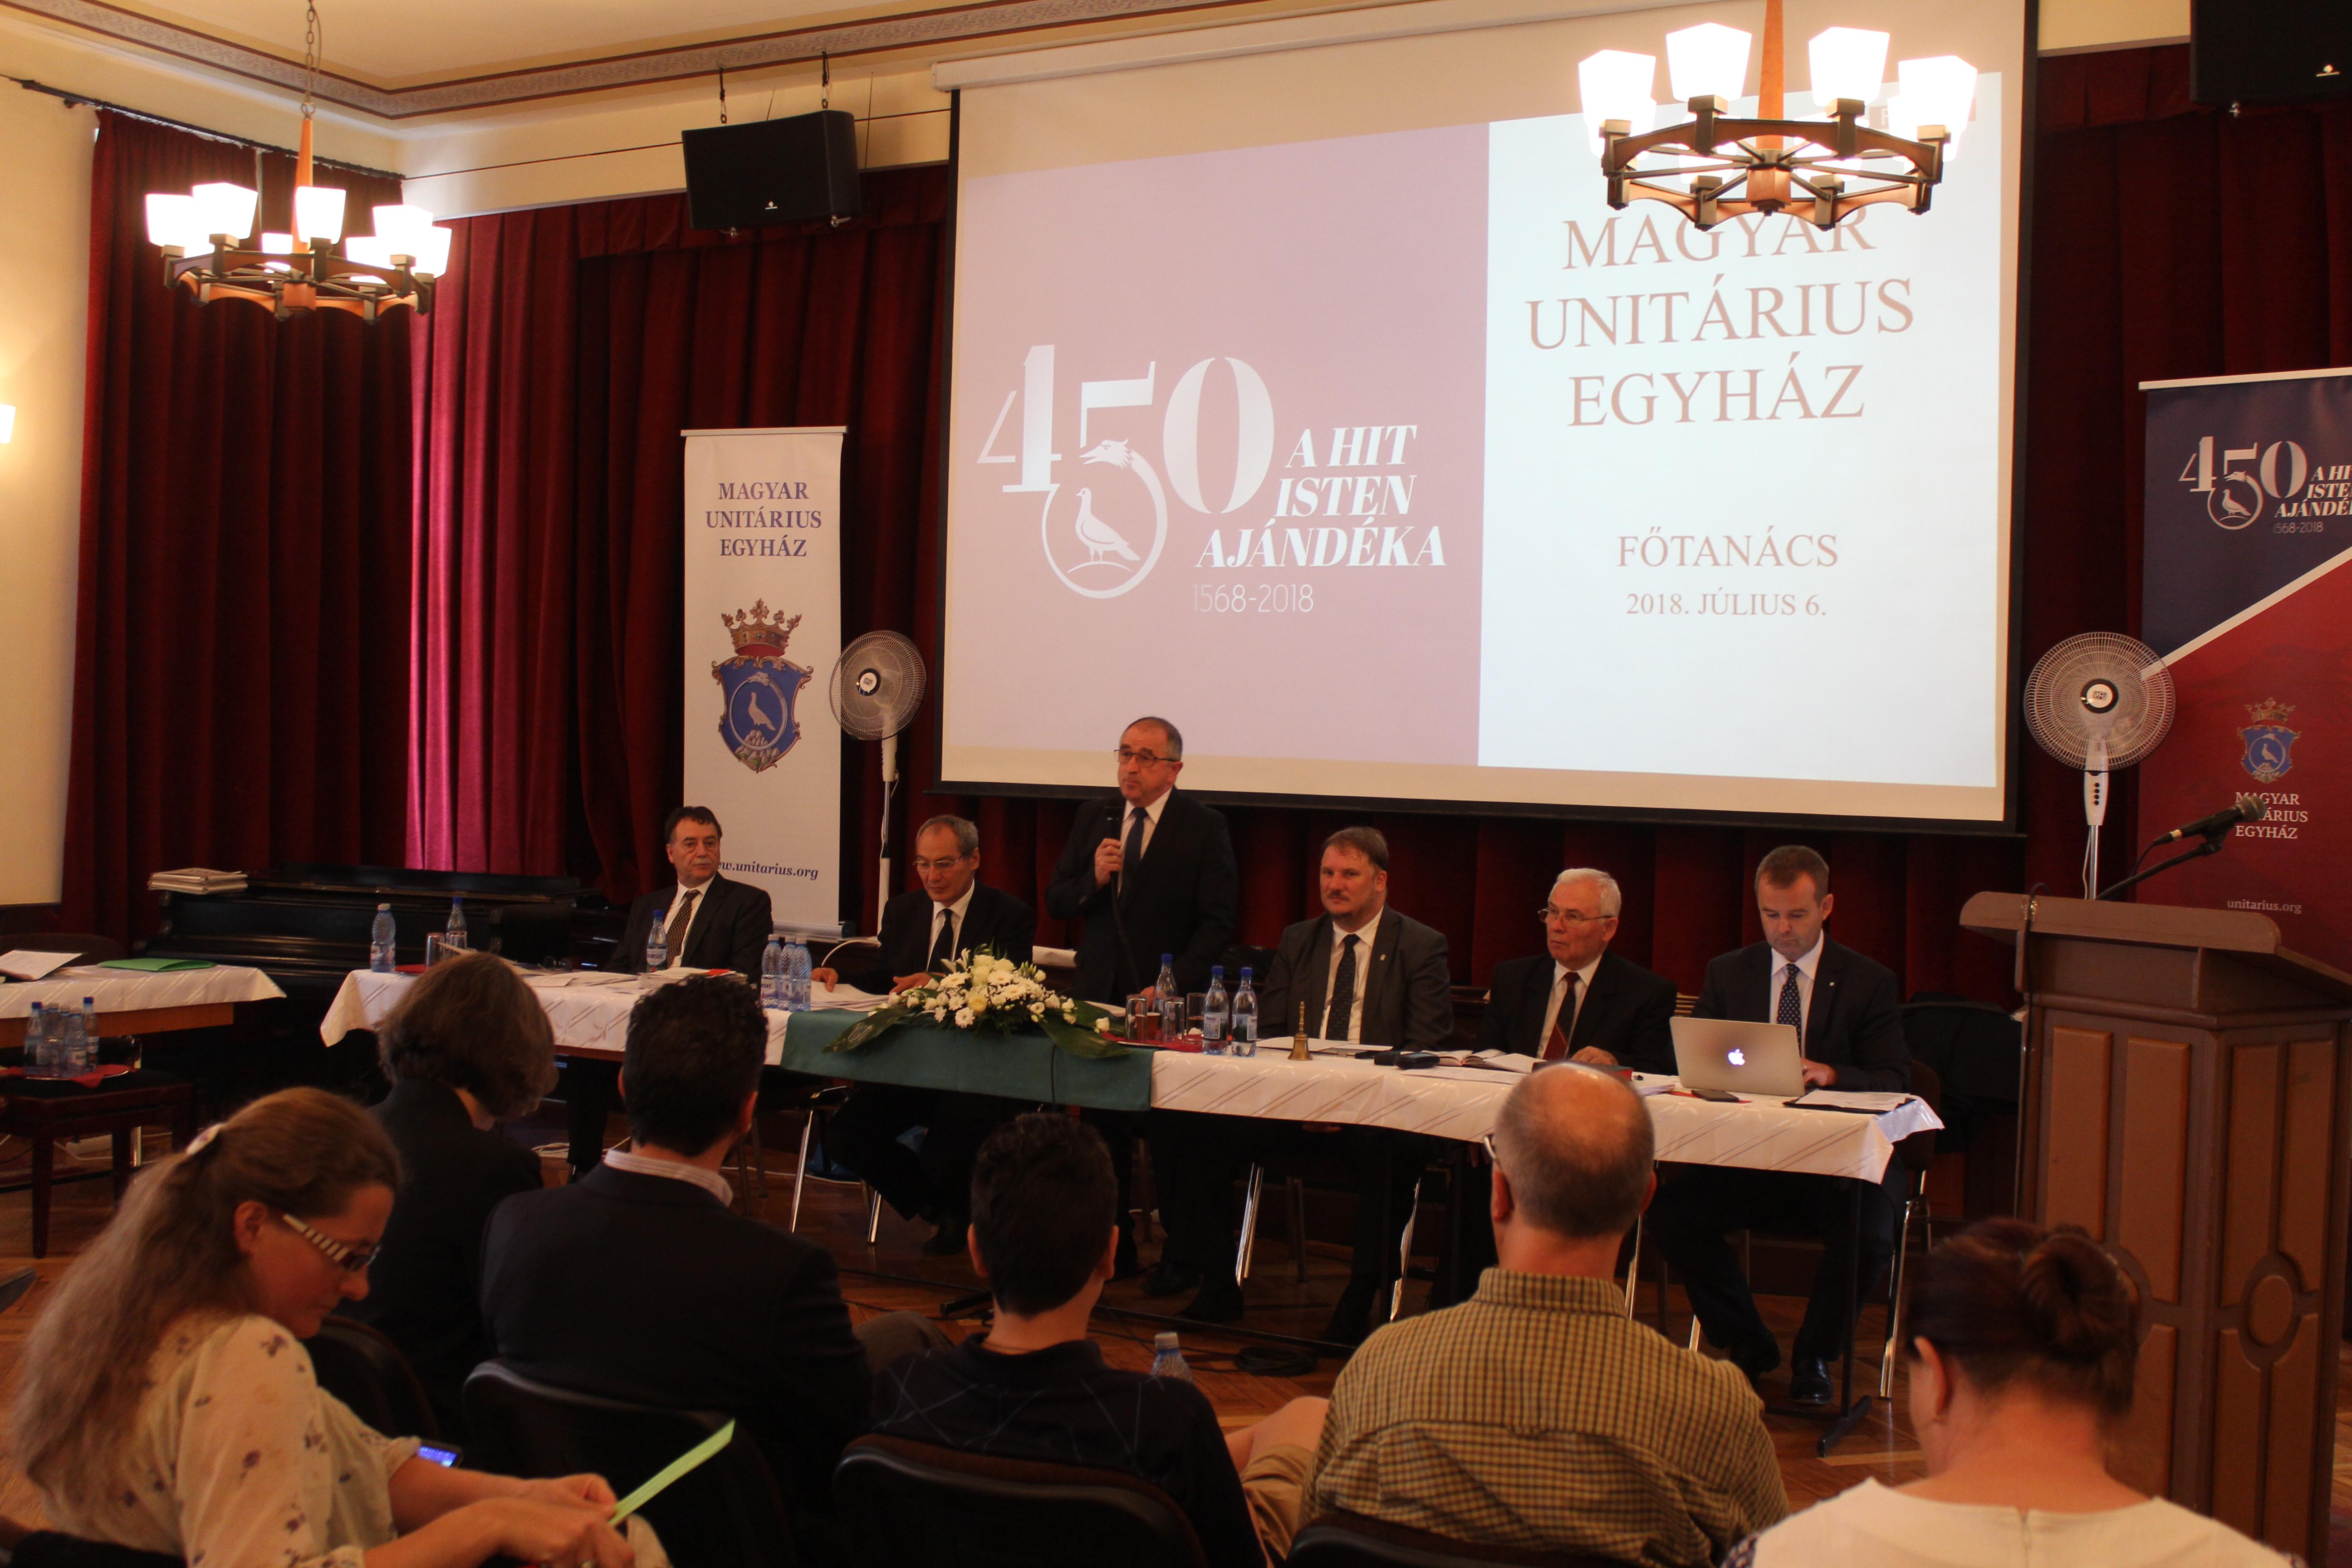 A Magyar Unitárius Egyház főtanácsi üléséről